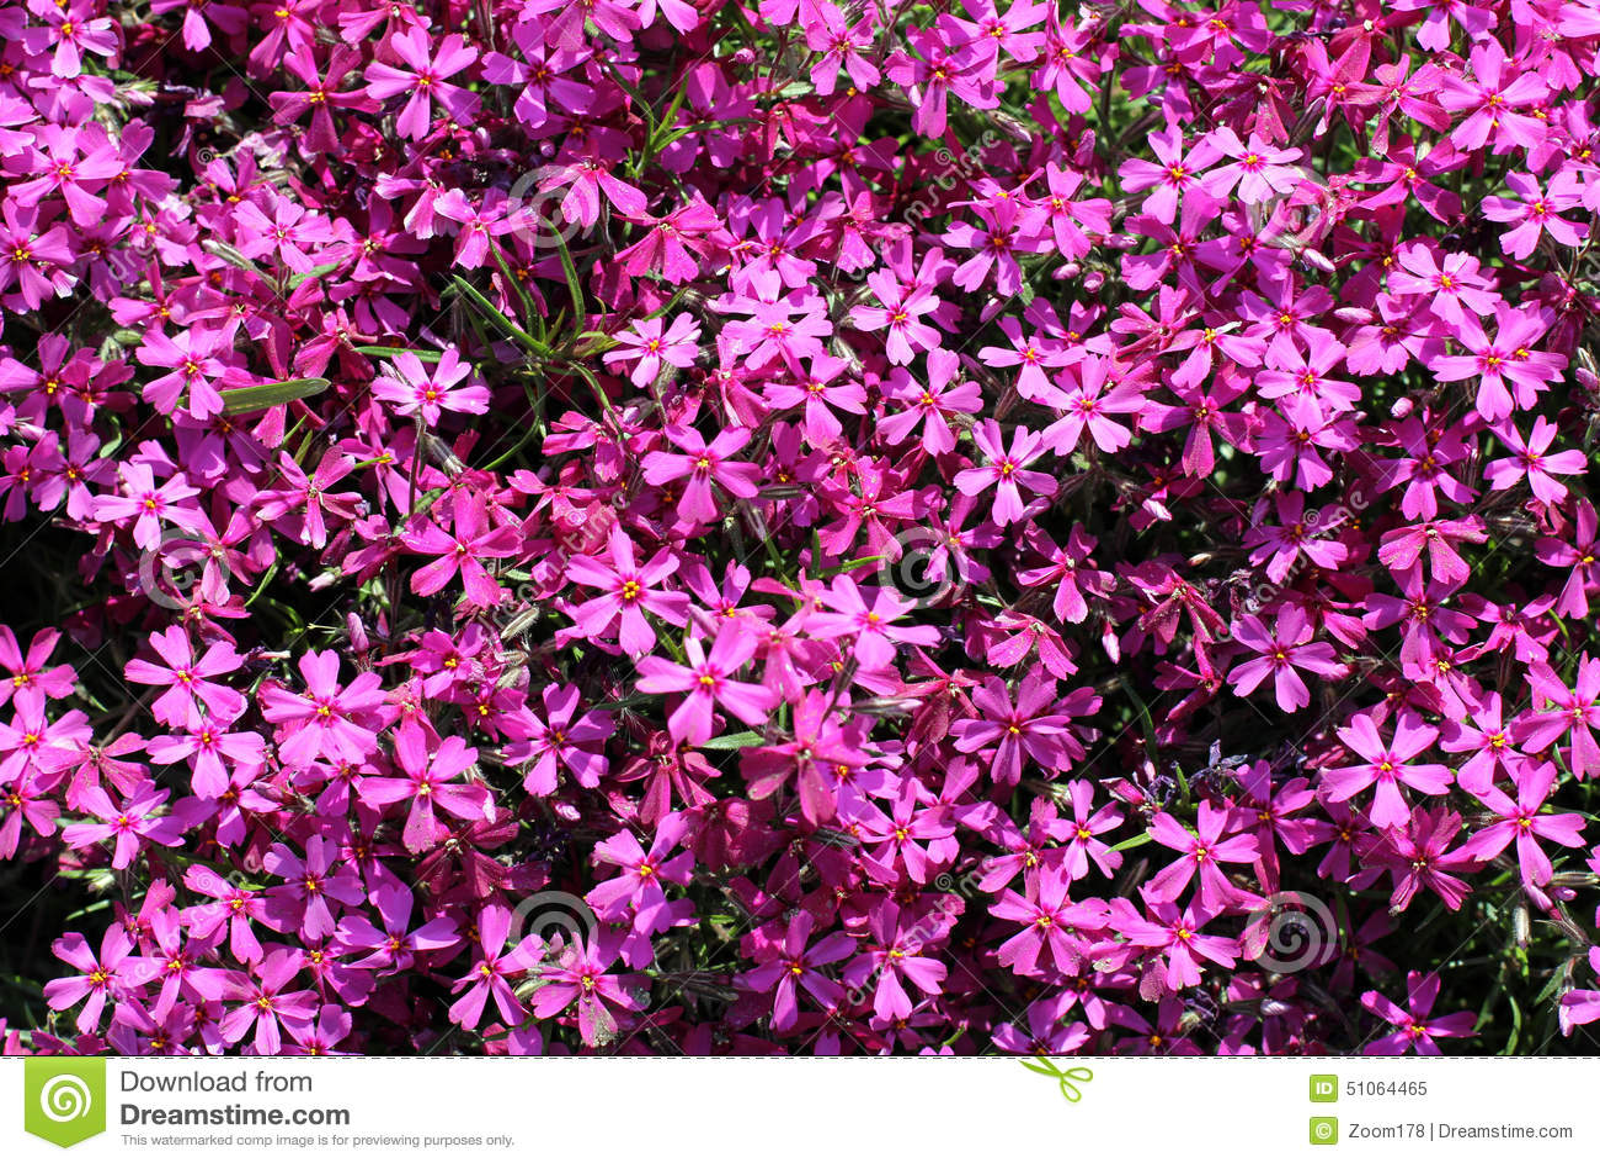 tapis des fleurs pourpre image stock image du pourpre 51064465